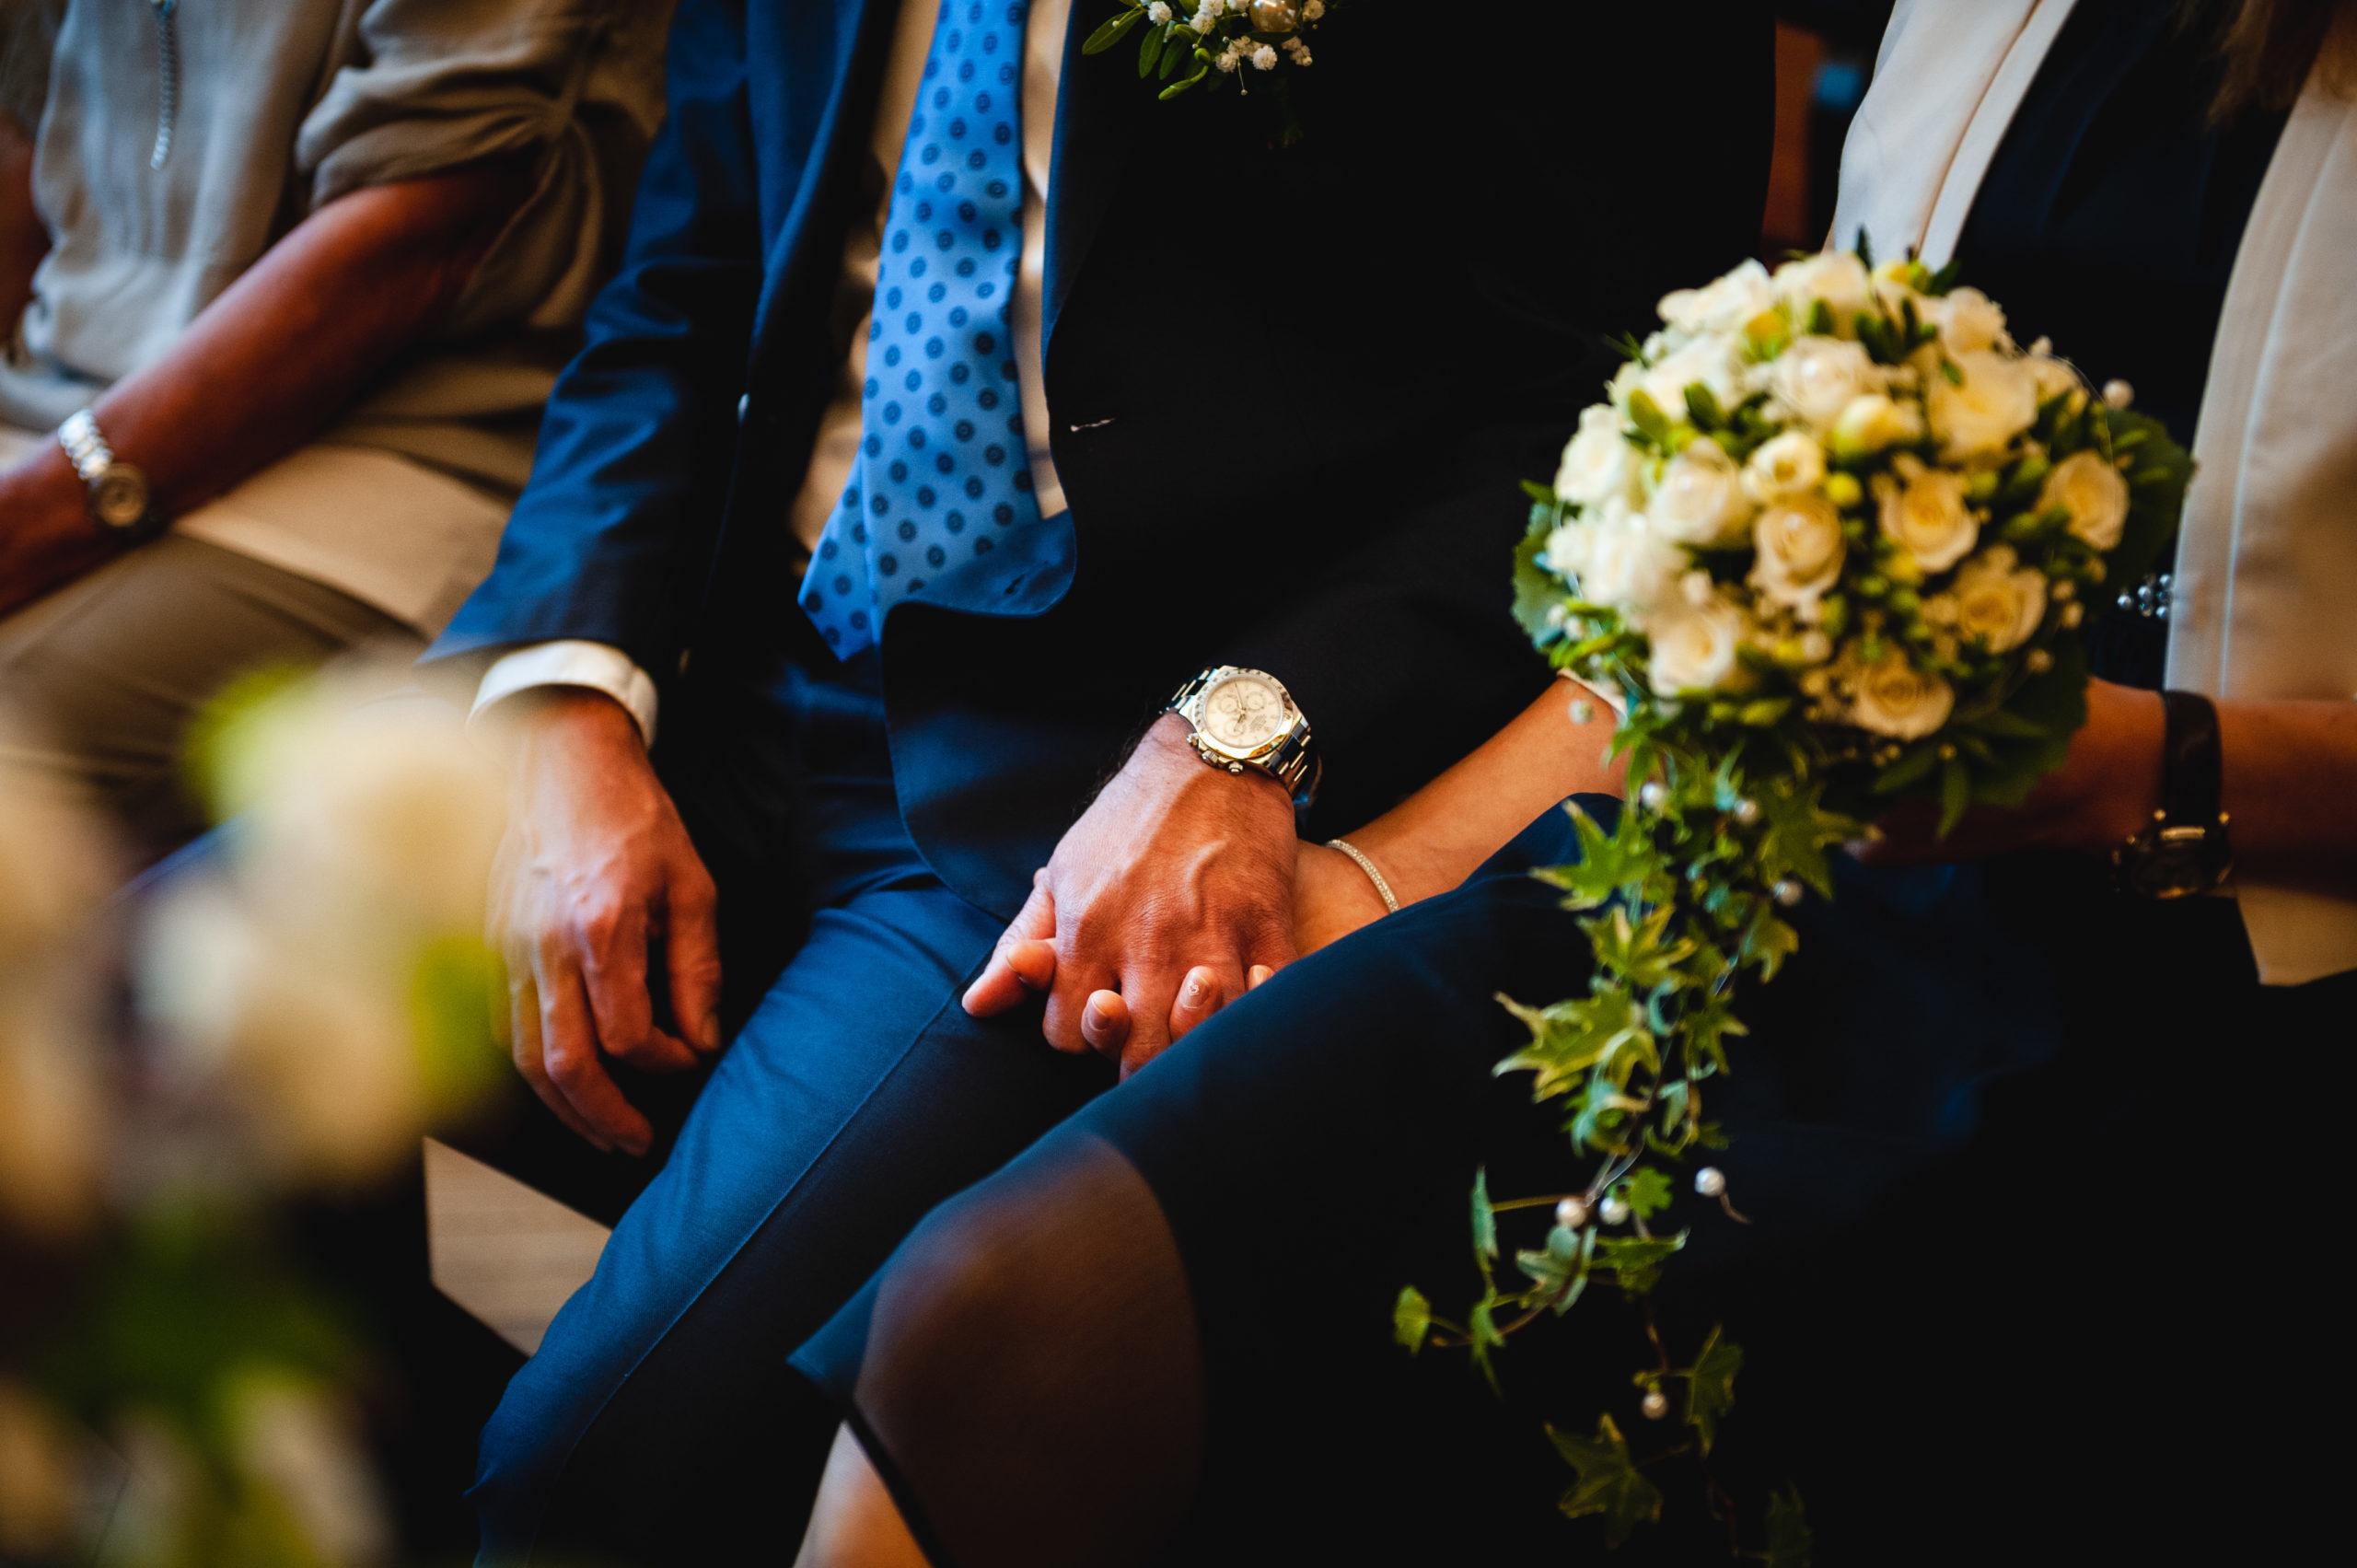 Detailbild, Braut und Bräutigam halten sich die Hände, Brautkleid sichtbar